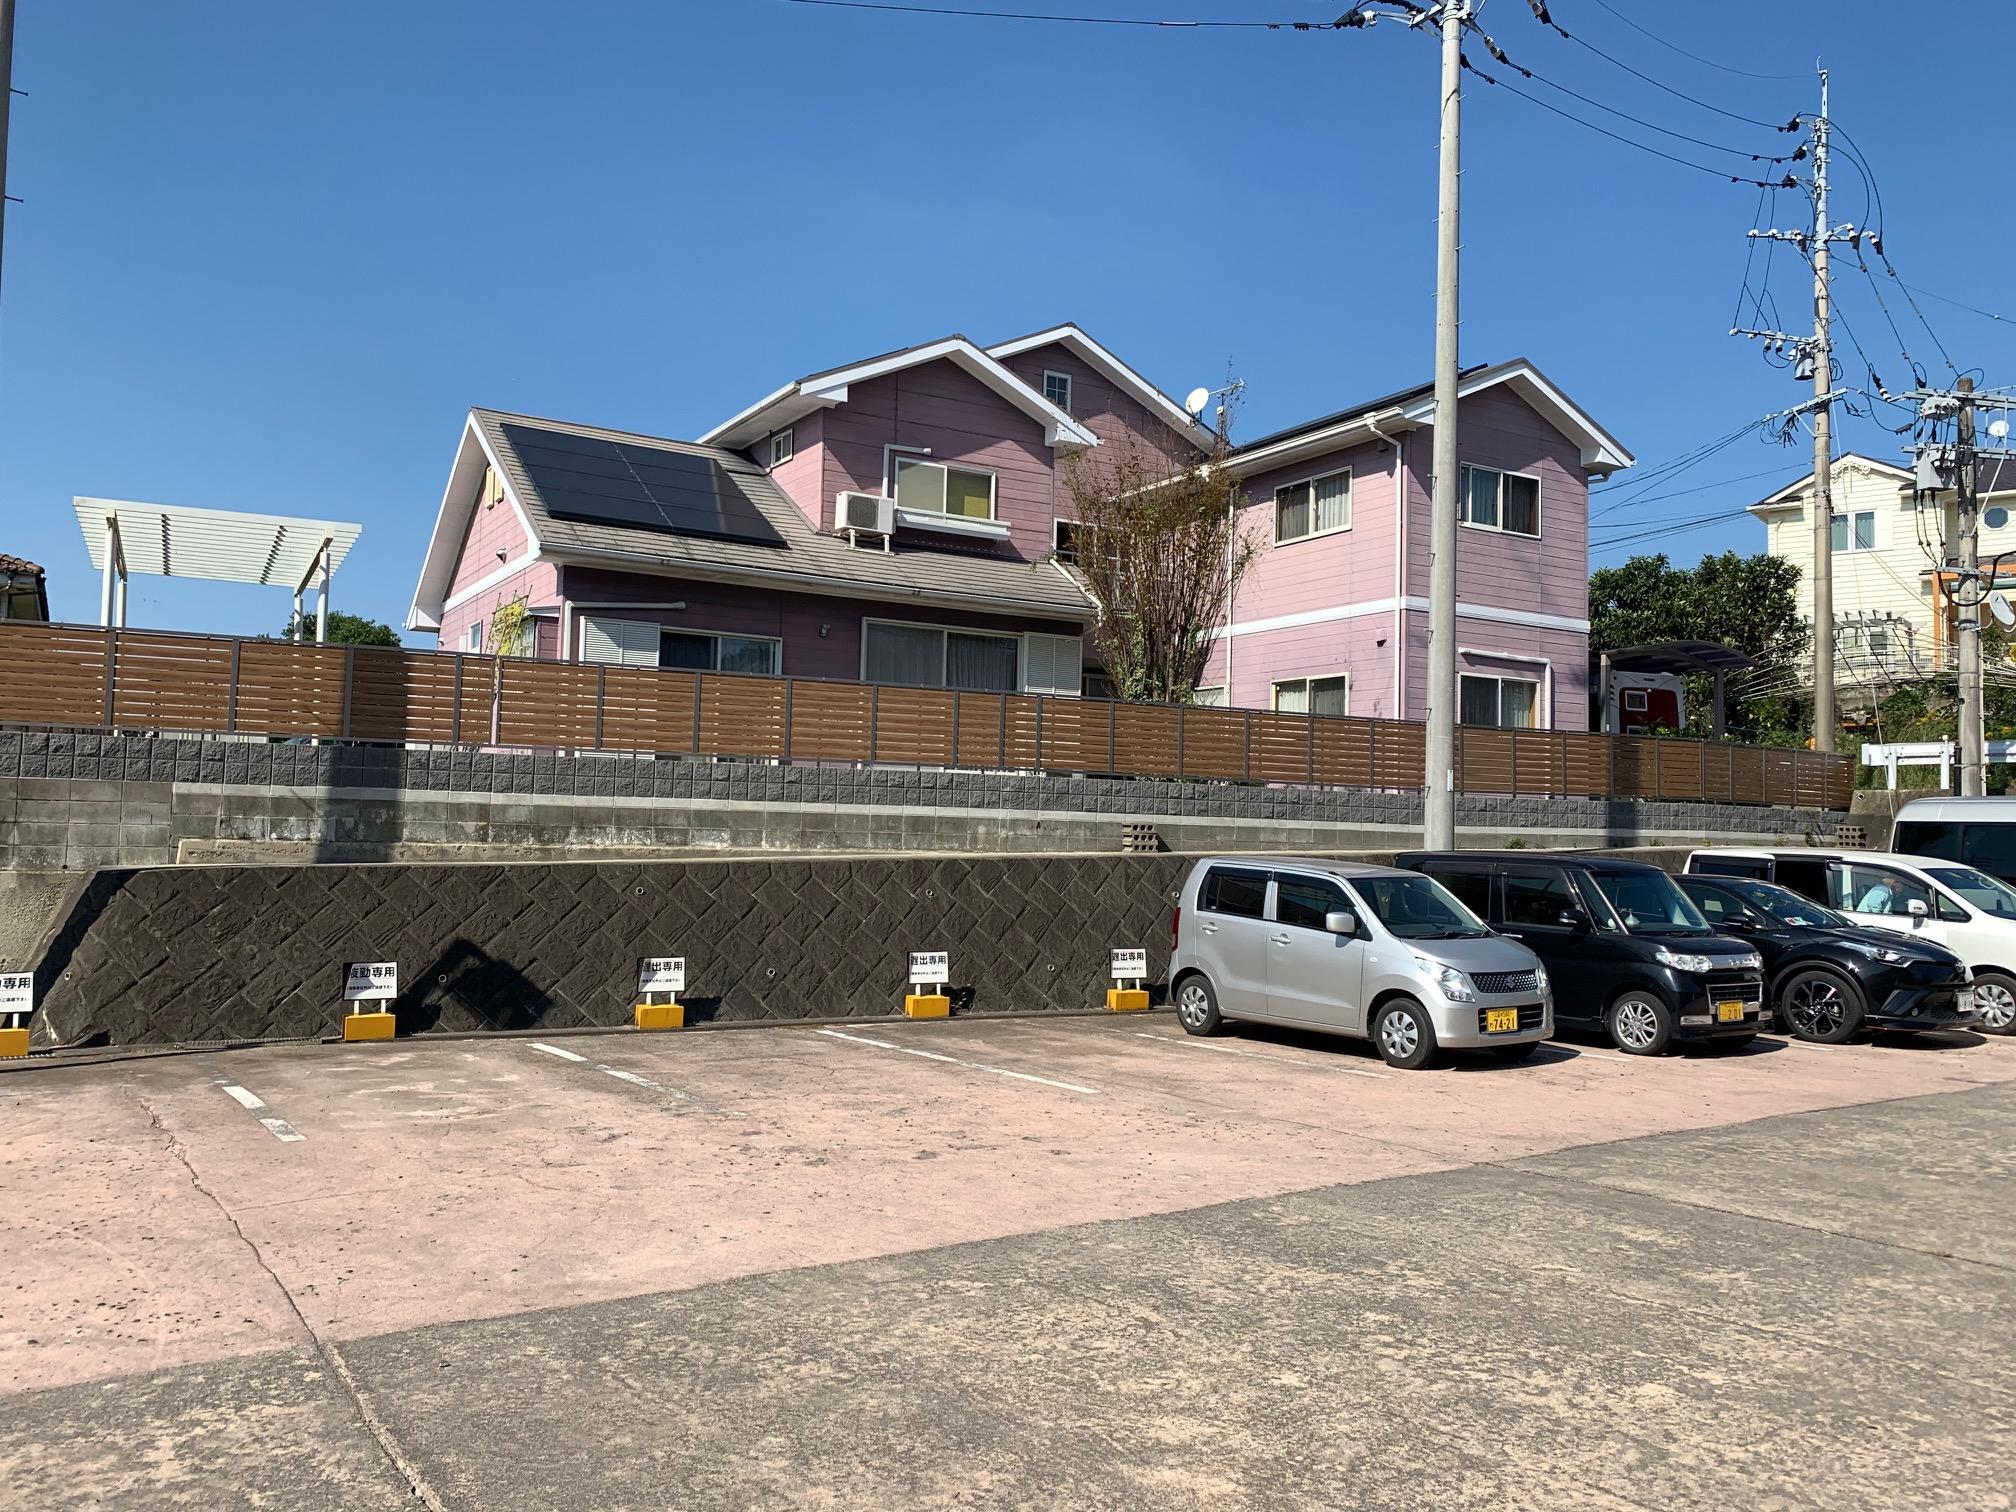 福岡トーヨー 大牟田店の目隠しフェンスと花粉症対策の施工後の写真3